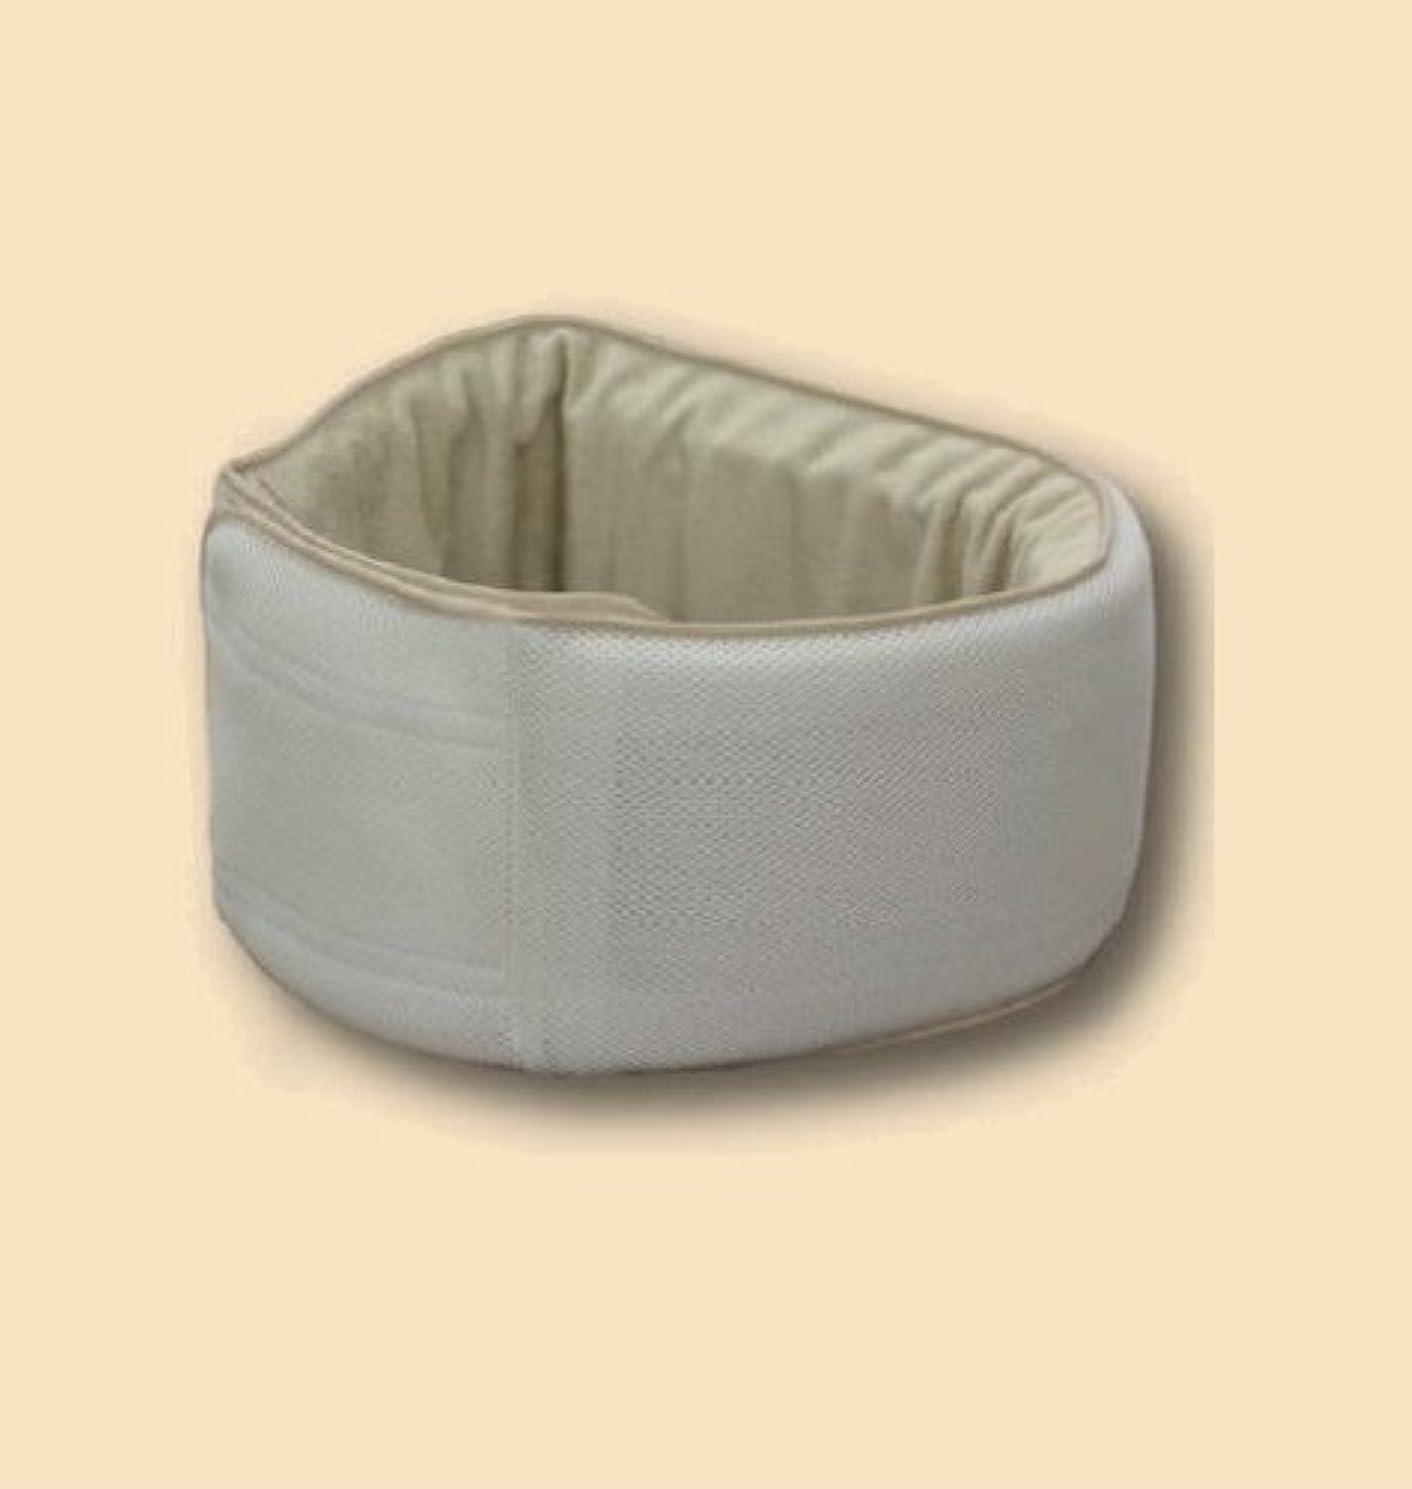 修理可能材料スリンクオーシン 腰枕 ベージュ 個装サイズ:26×17.5×12.5cm